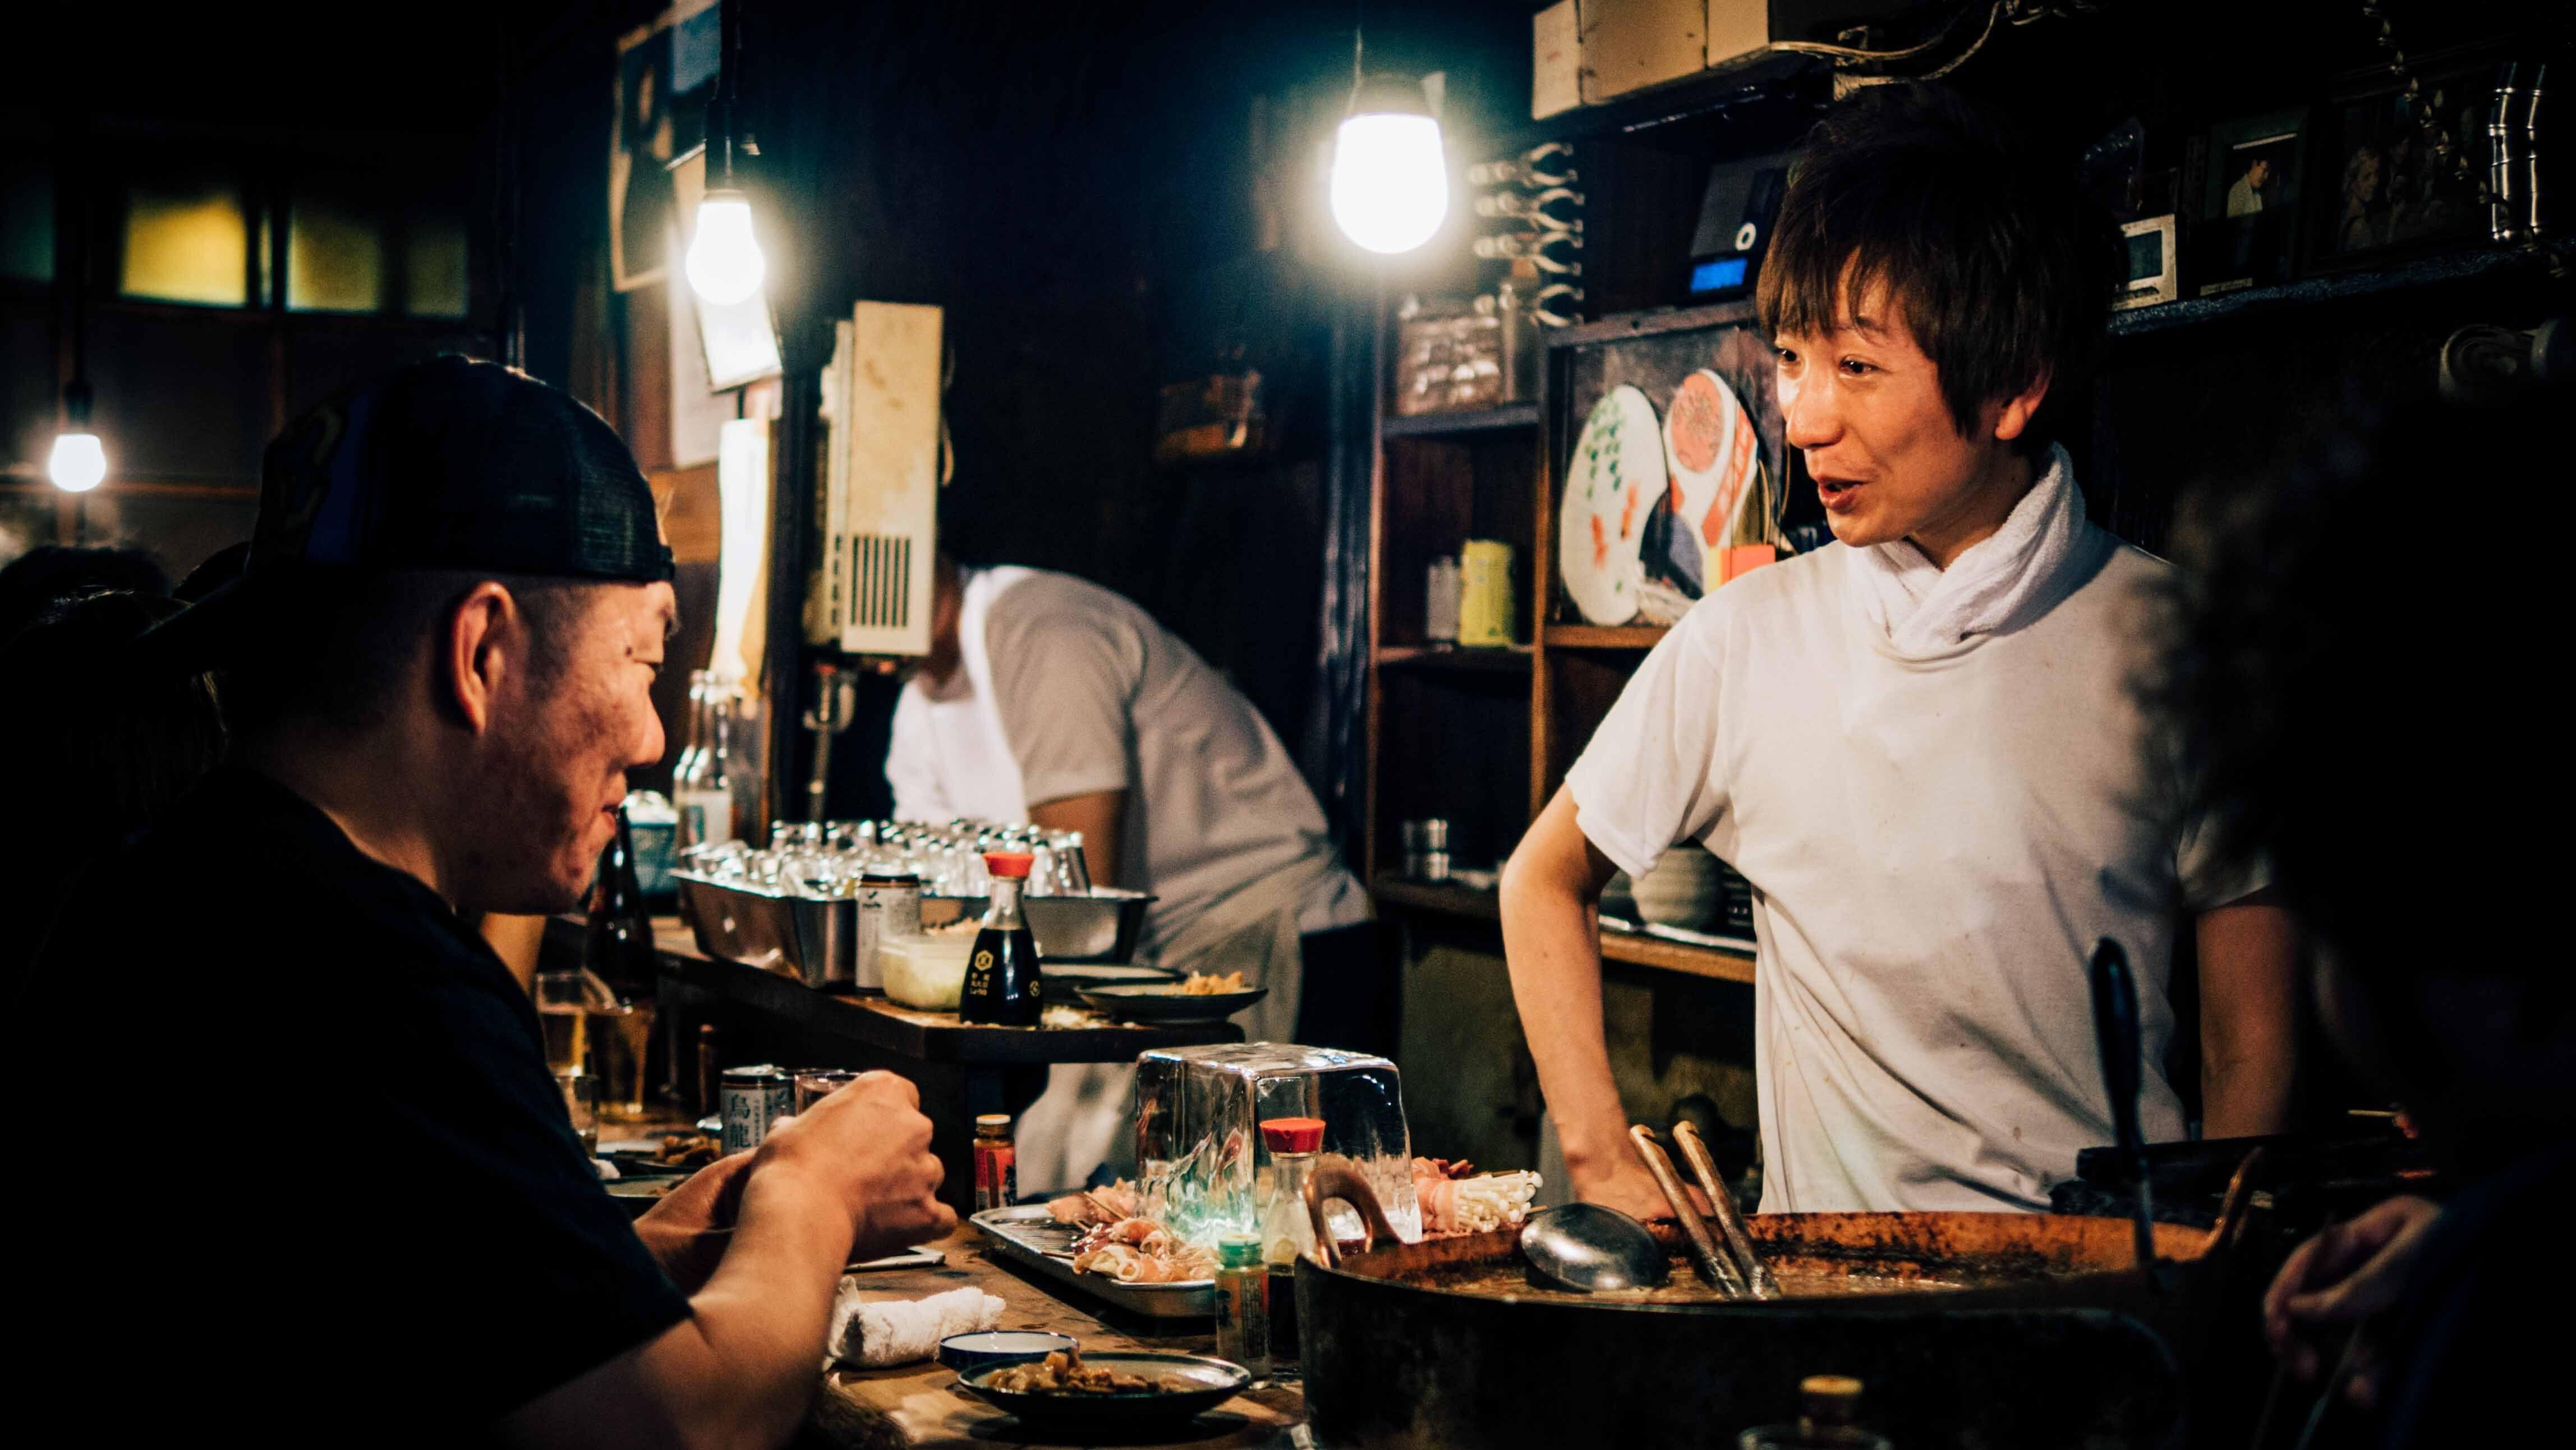 Japanese izakaya chef and diner